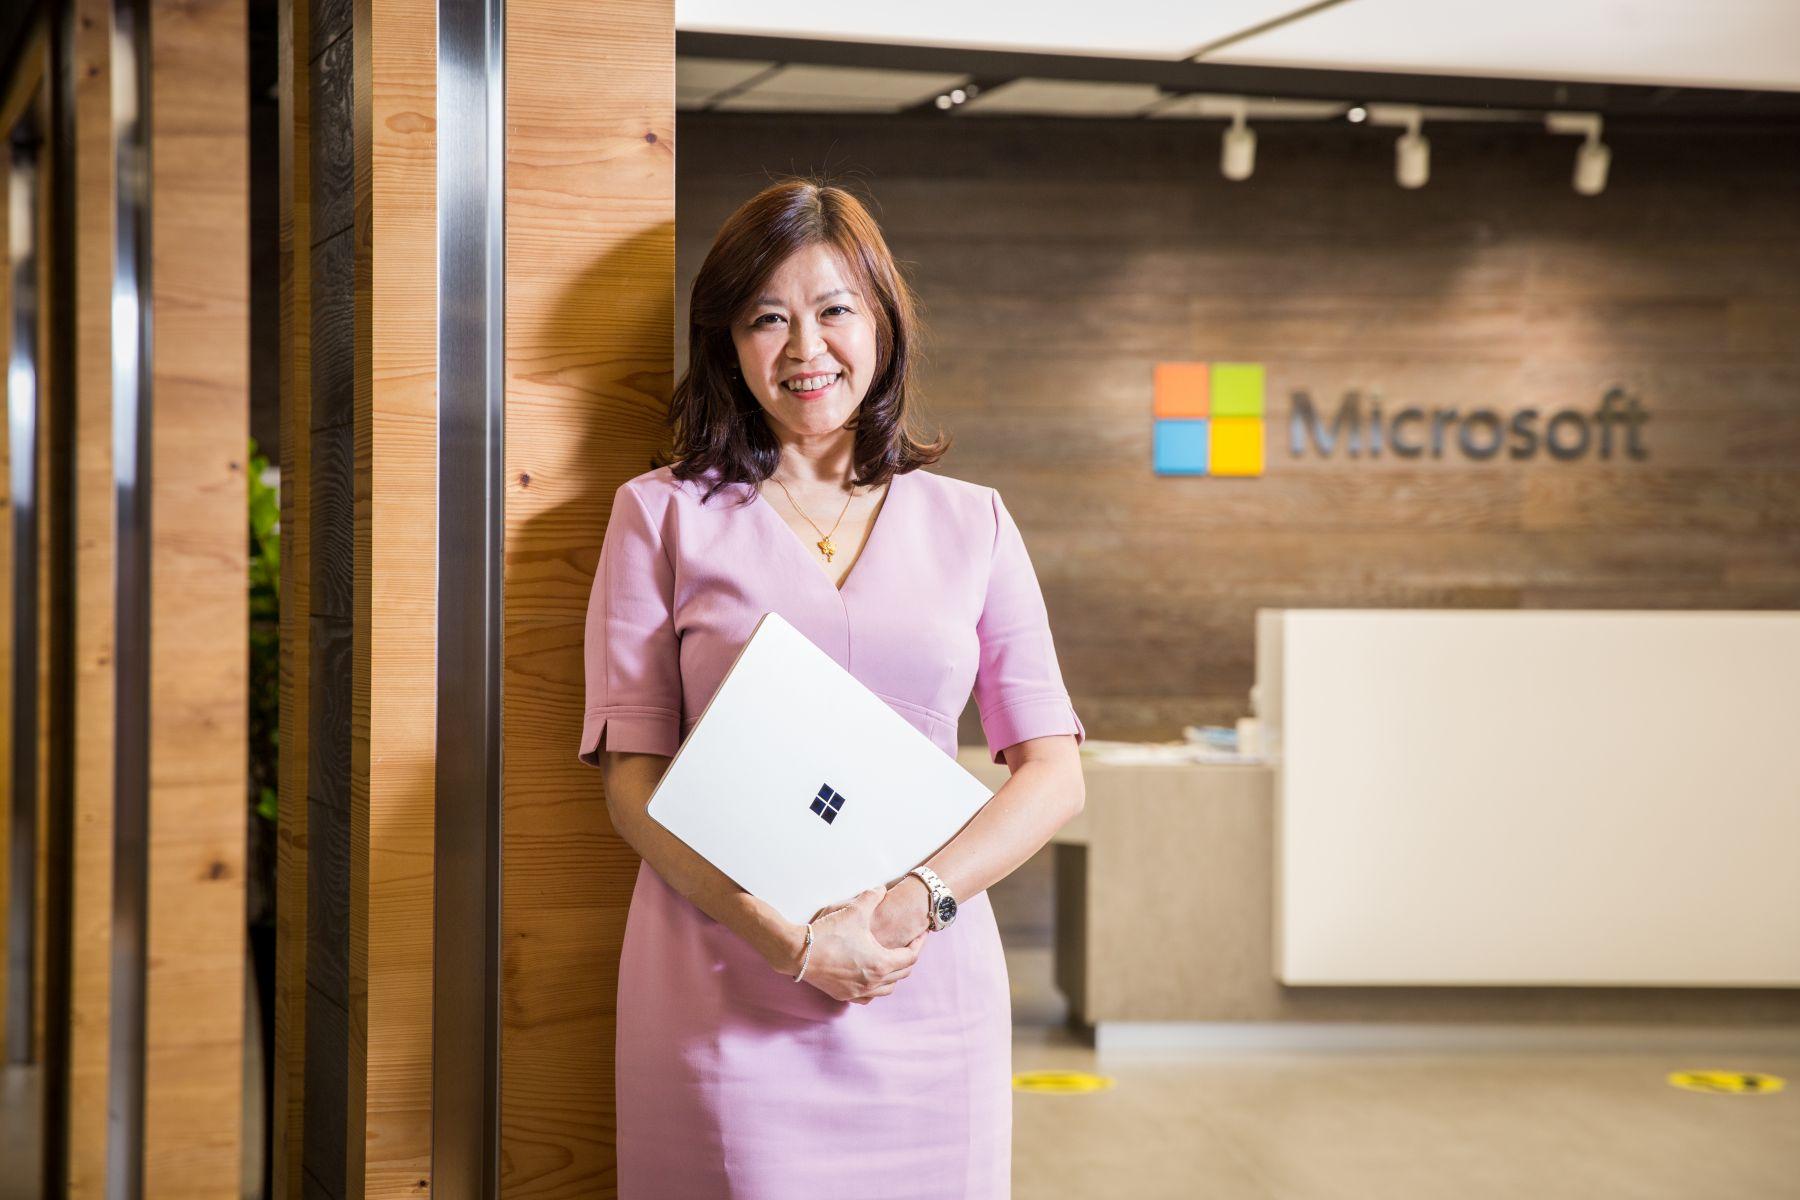 「我看到台灣女生的主動、好奇、自信」 她從問題小孩變成科技大咖 微軟營運長:性格比環境更重要